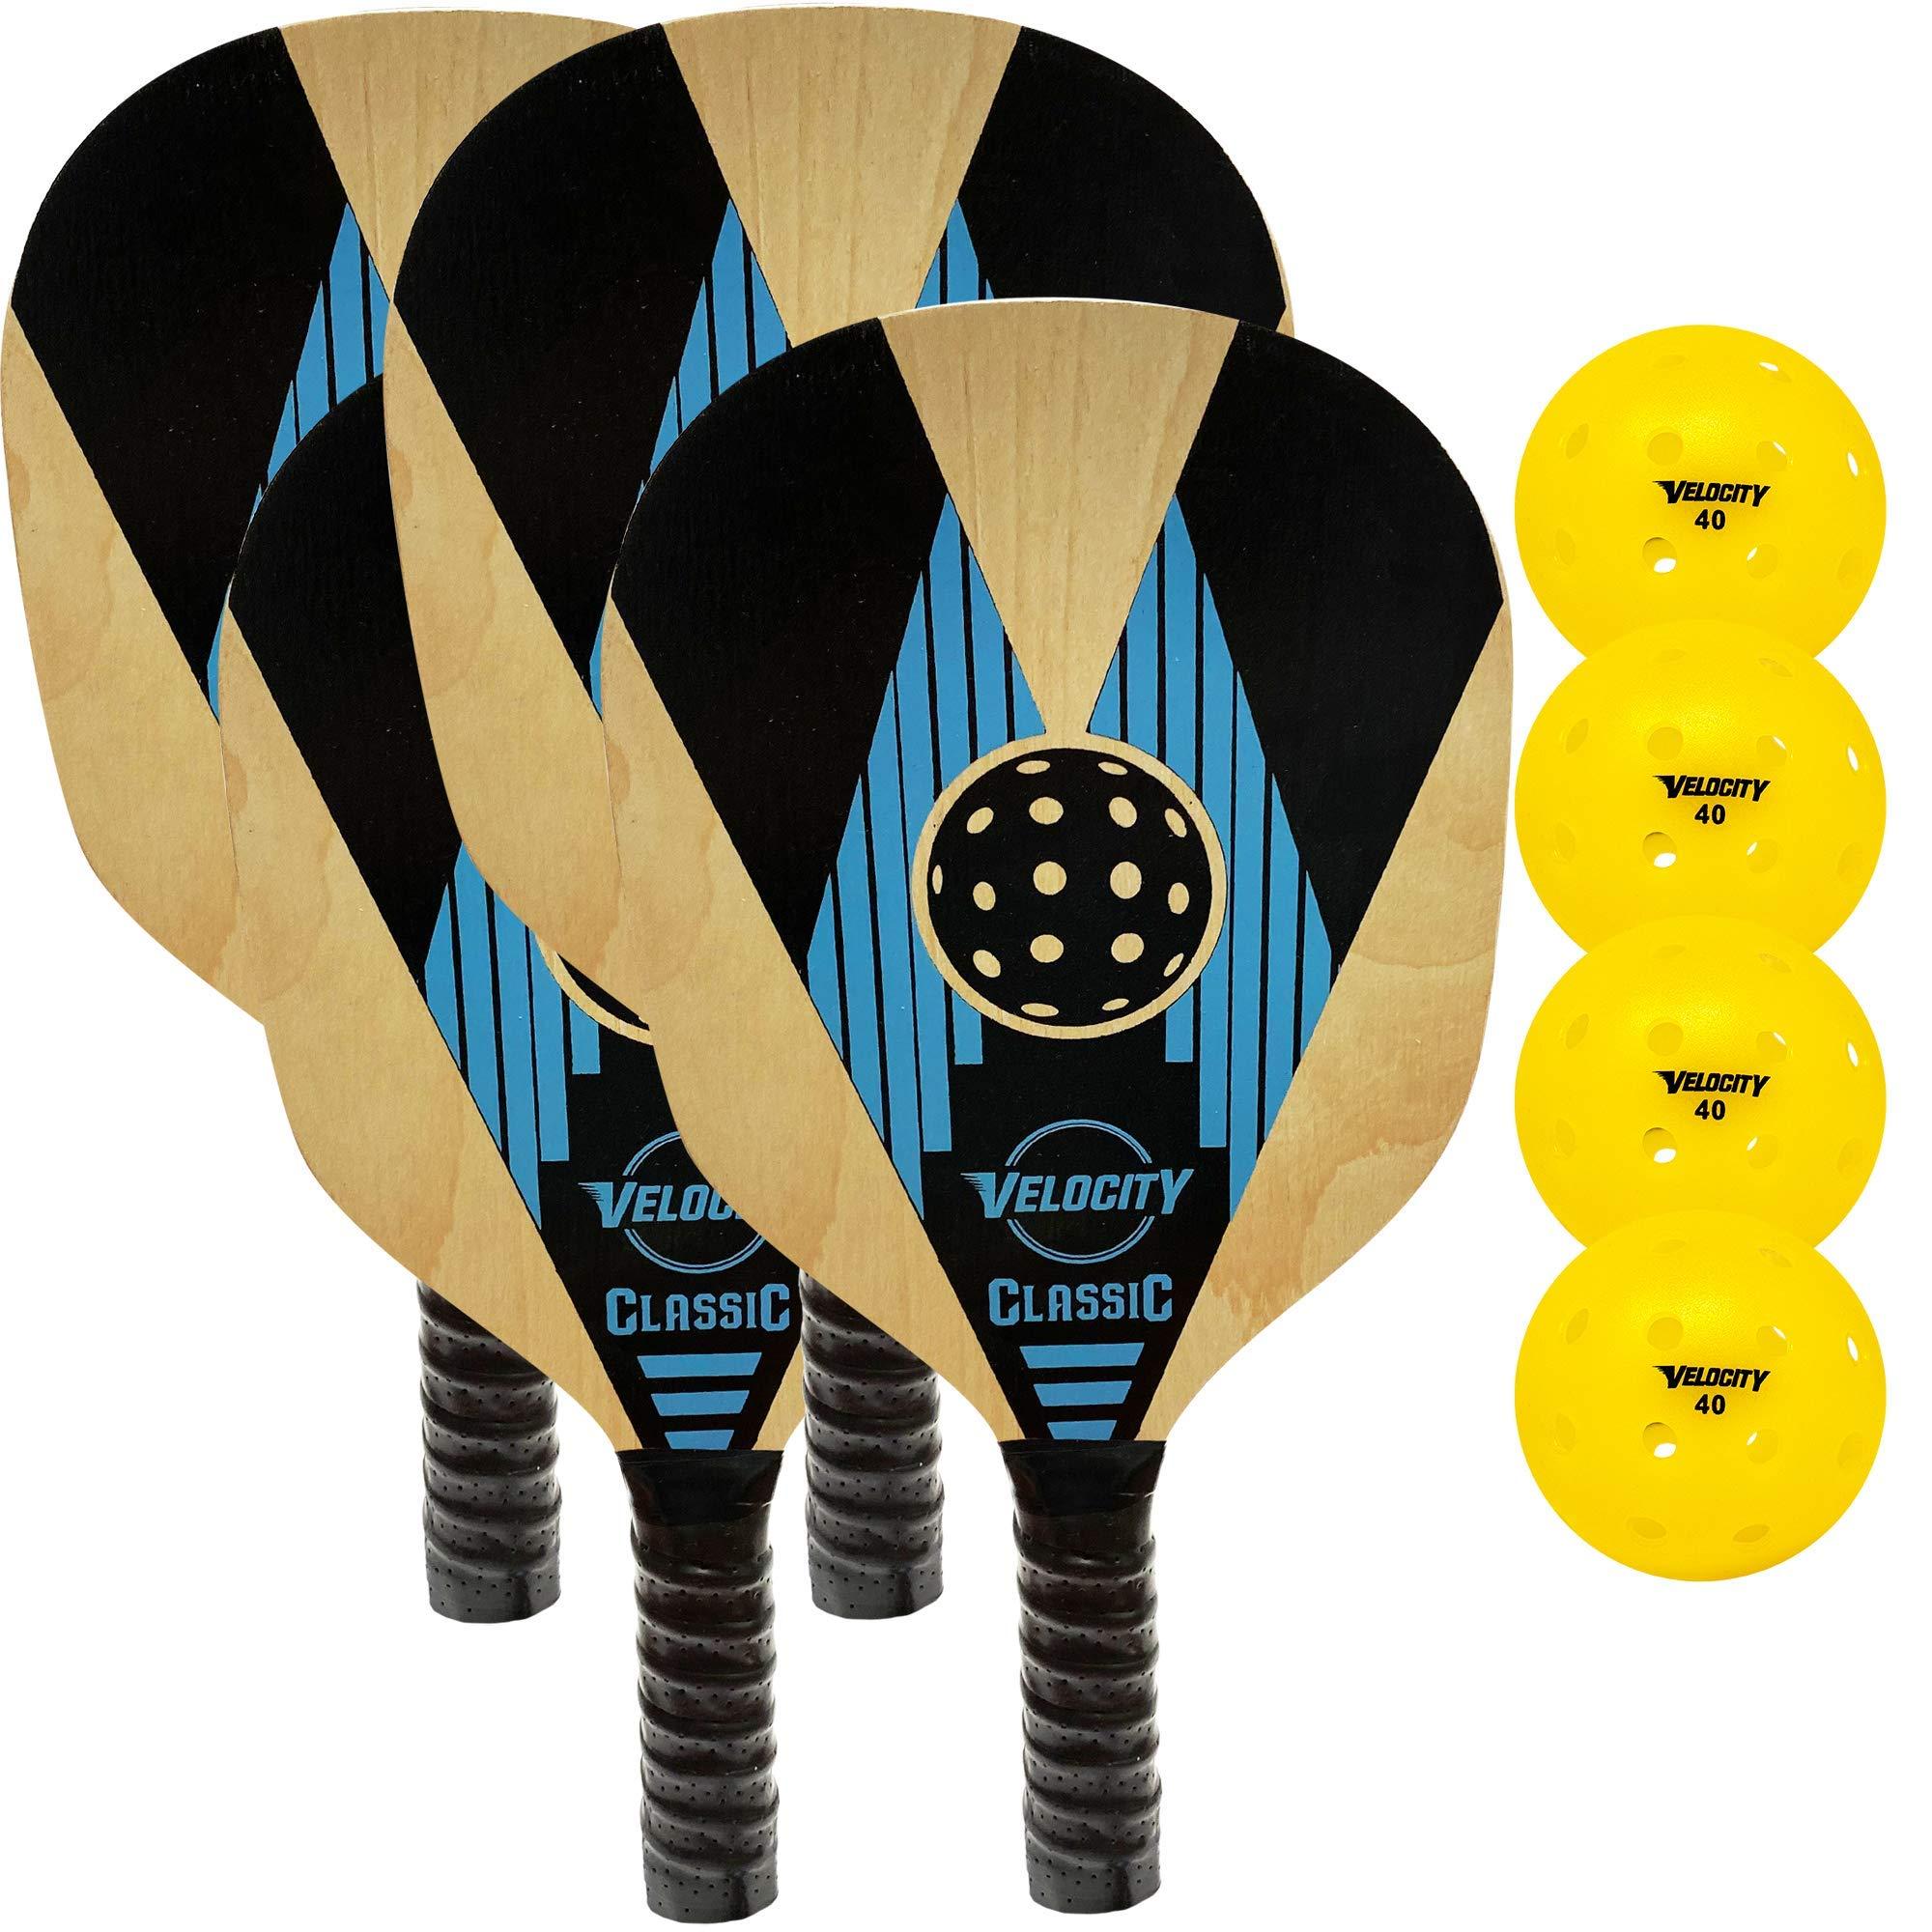 Velocity Wood Paddle s : Sizes: 2 & 4 Paddle Sets. -PVC6